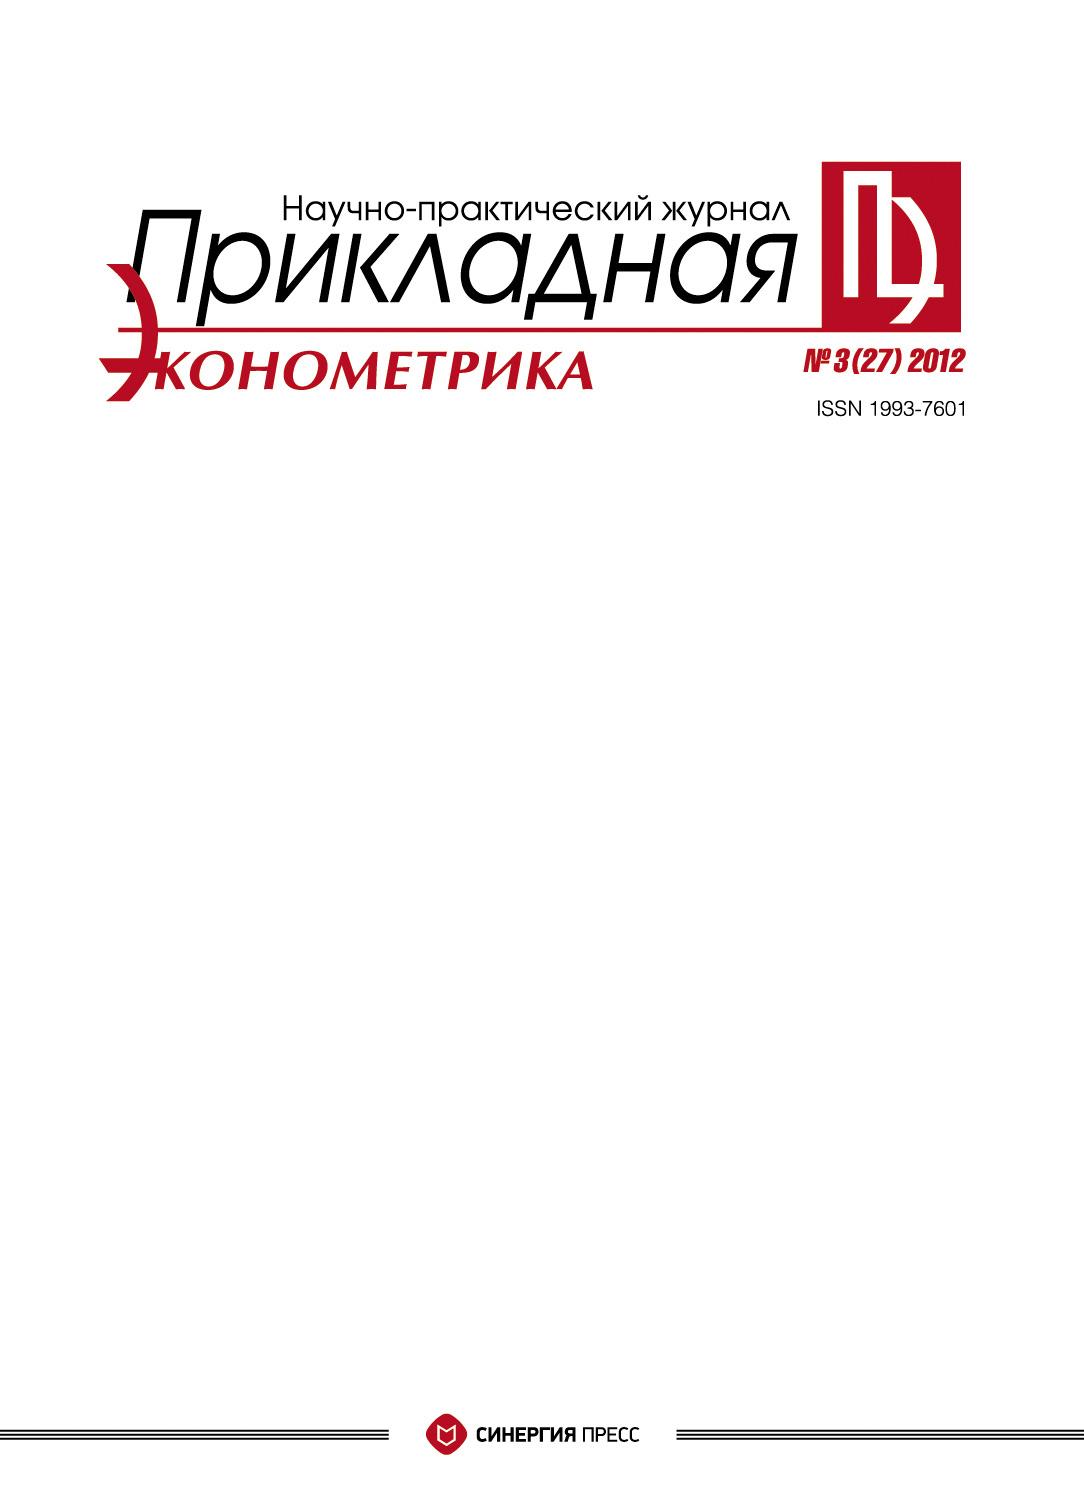 Отсутствует Прикладная эконометрика №3 (27) 2012 отсутствует прикладная эконометрика 3 39 2015